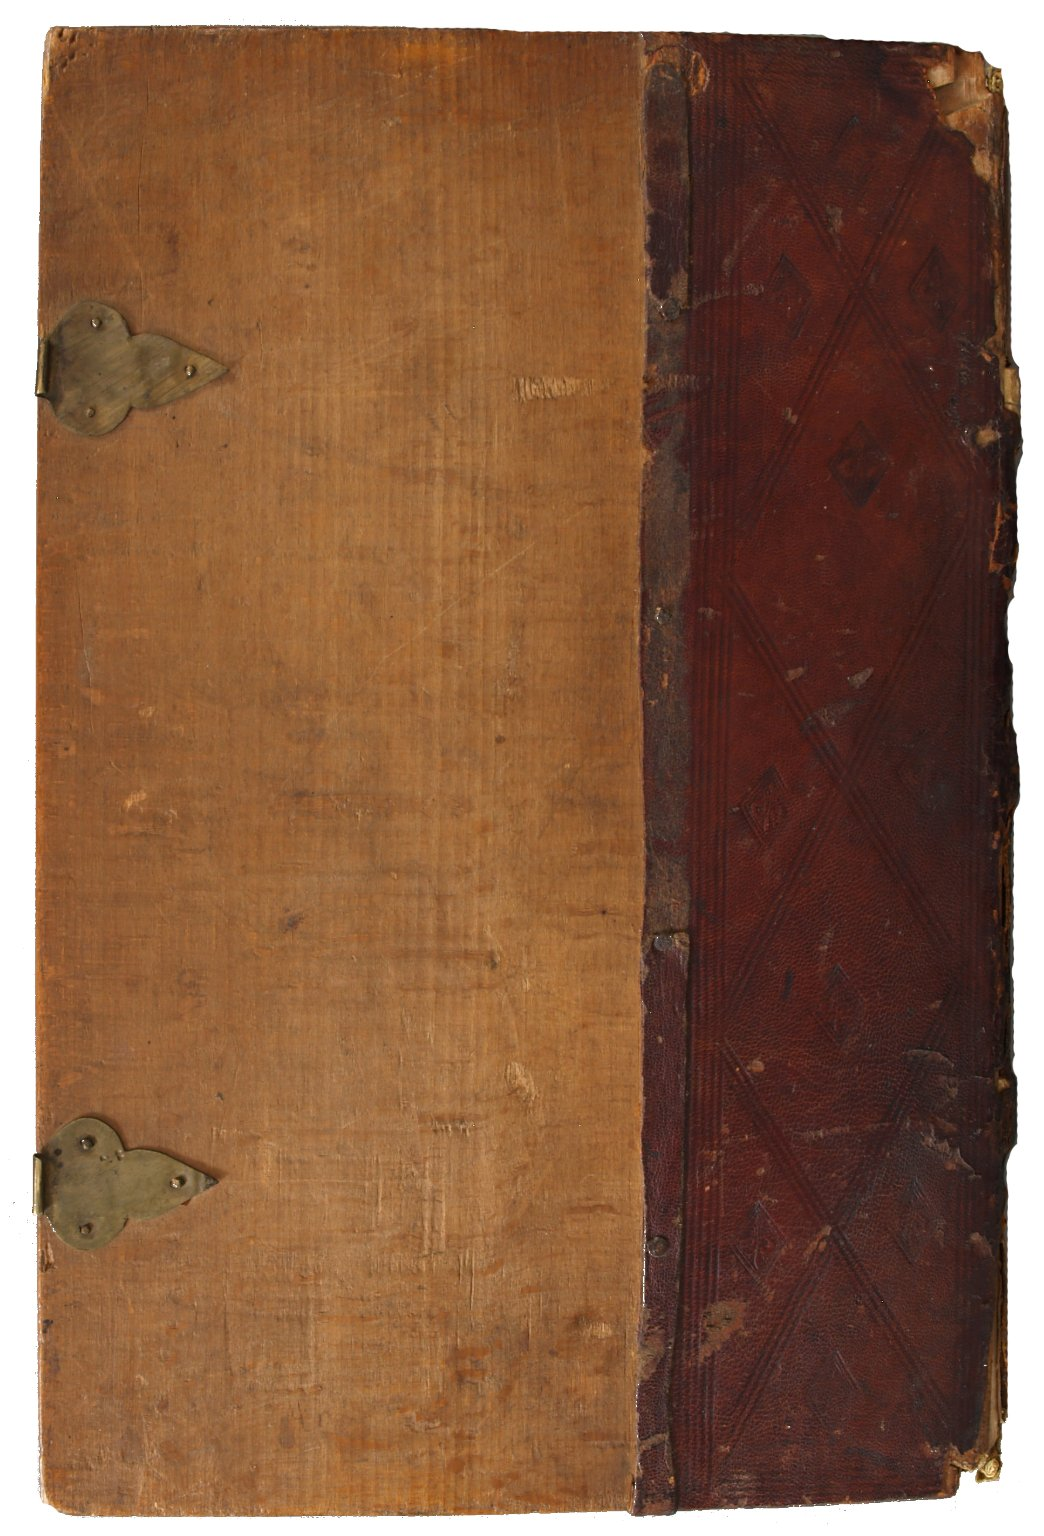 Back cover, INC Q29a.